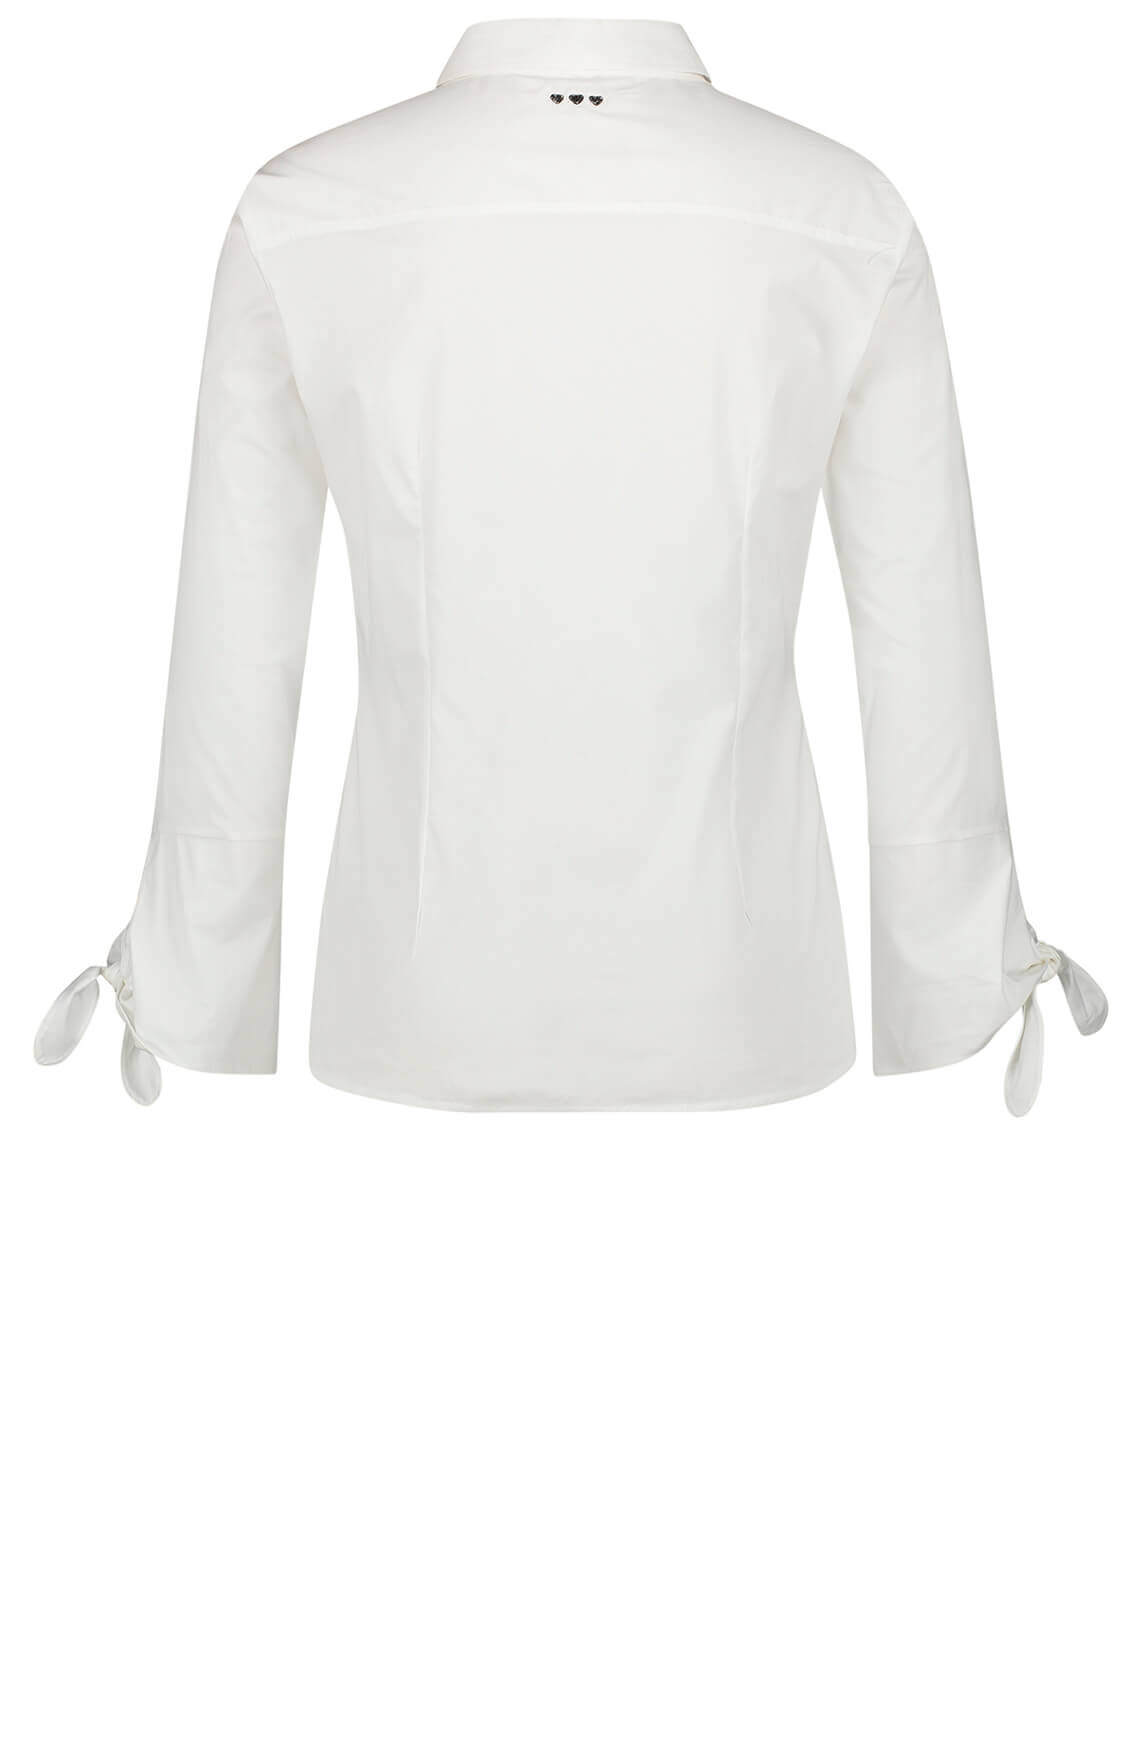 Penn & Ink Dames Blouse met strikdetail wit